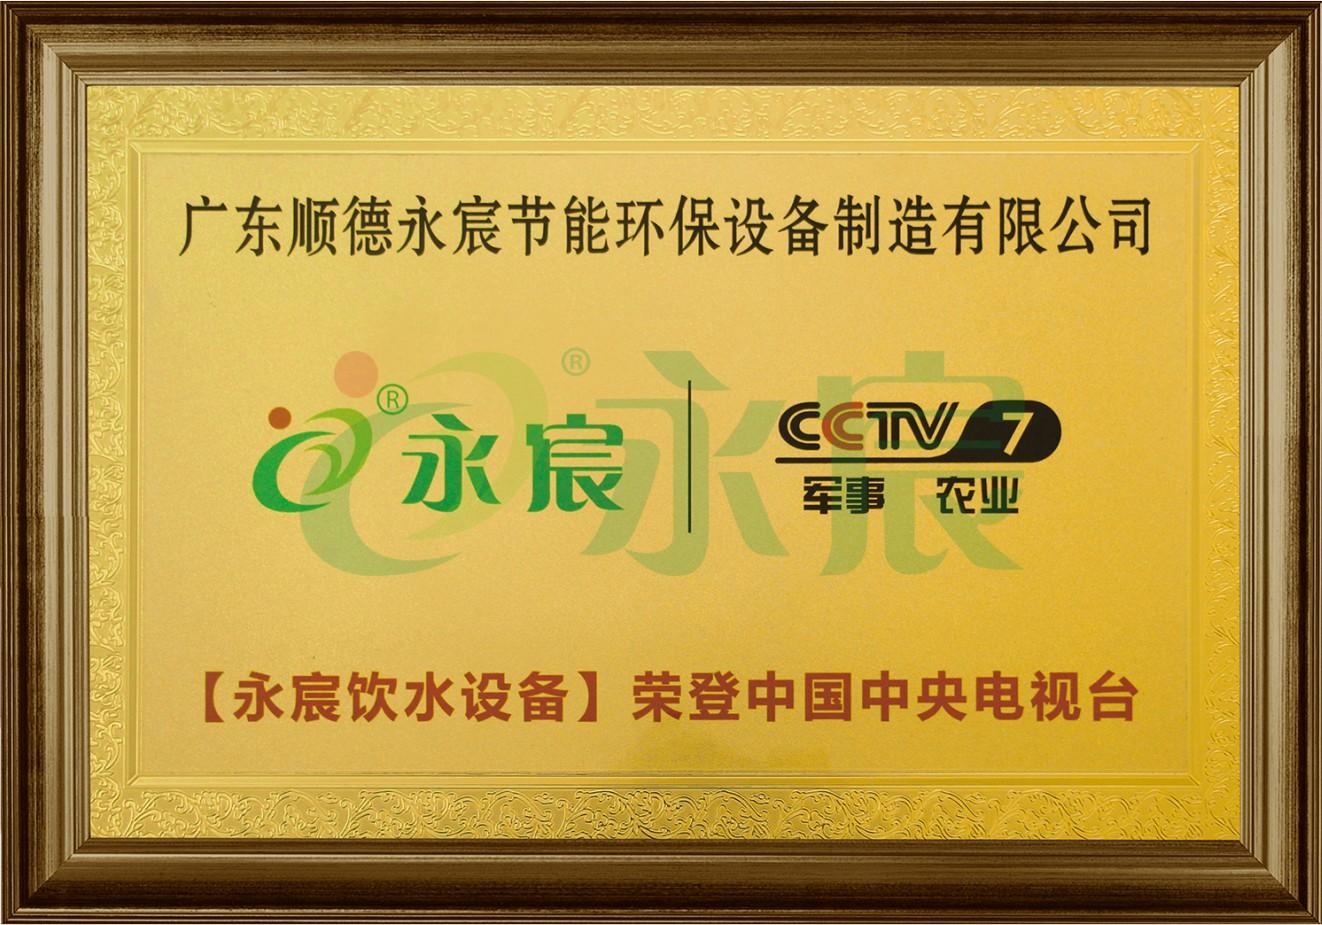 CCTV7 央视展播品牌